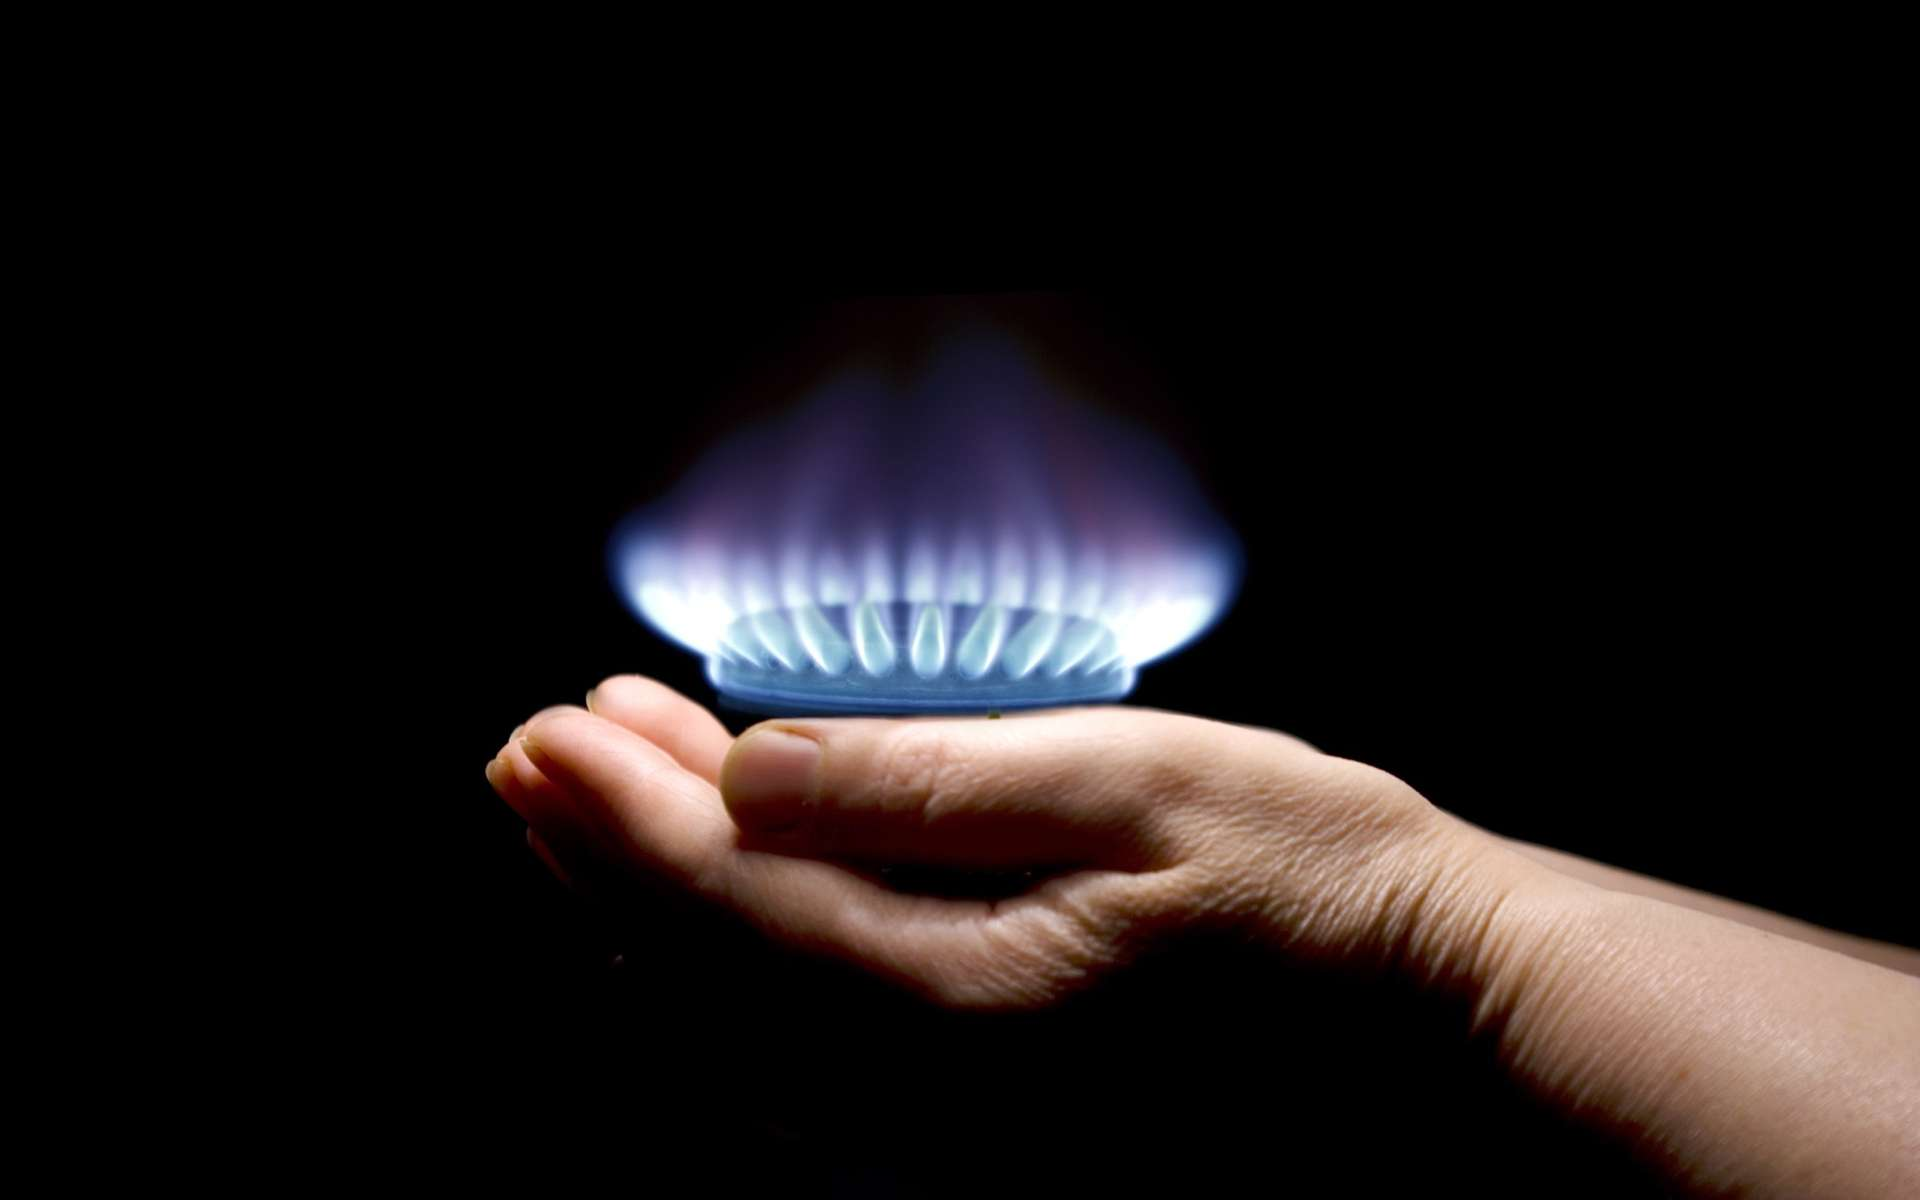 La privatisation de l'entreprise nationale GDF (Gaz de France) a ouvert la voie aux fournisseurs « alternatifs » qui se partagent aujourd'hui le marché du gaz naturel. © Pakhnyushchyy, Adobe Stock